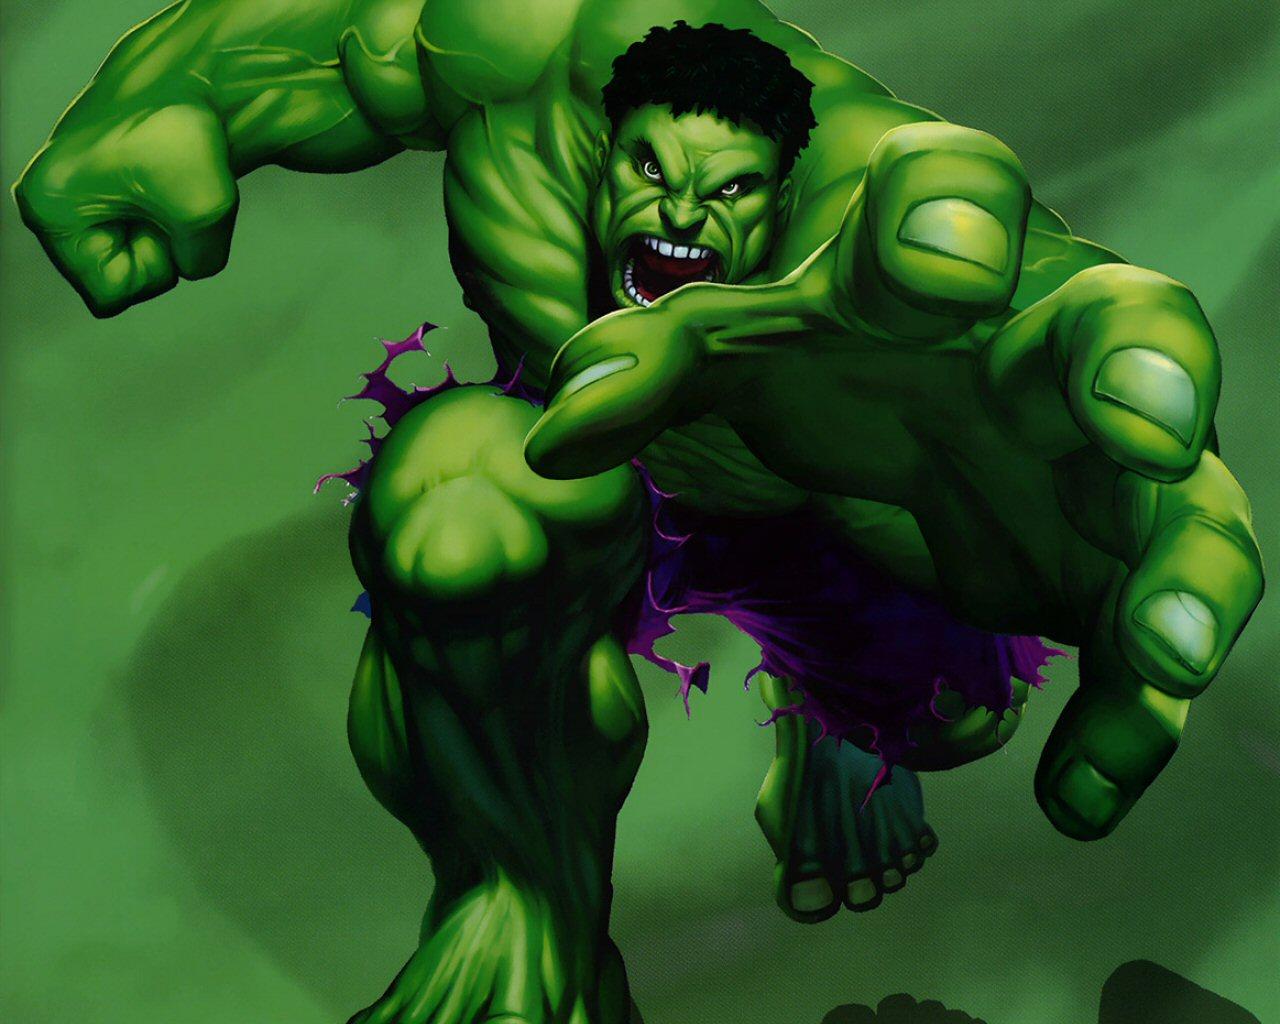 The Best Wallpaper Collection Hulk Wallpaper Hd 1280x1024